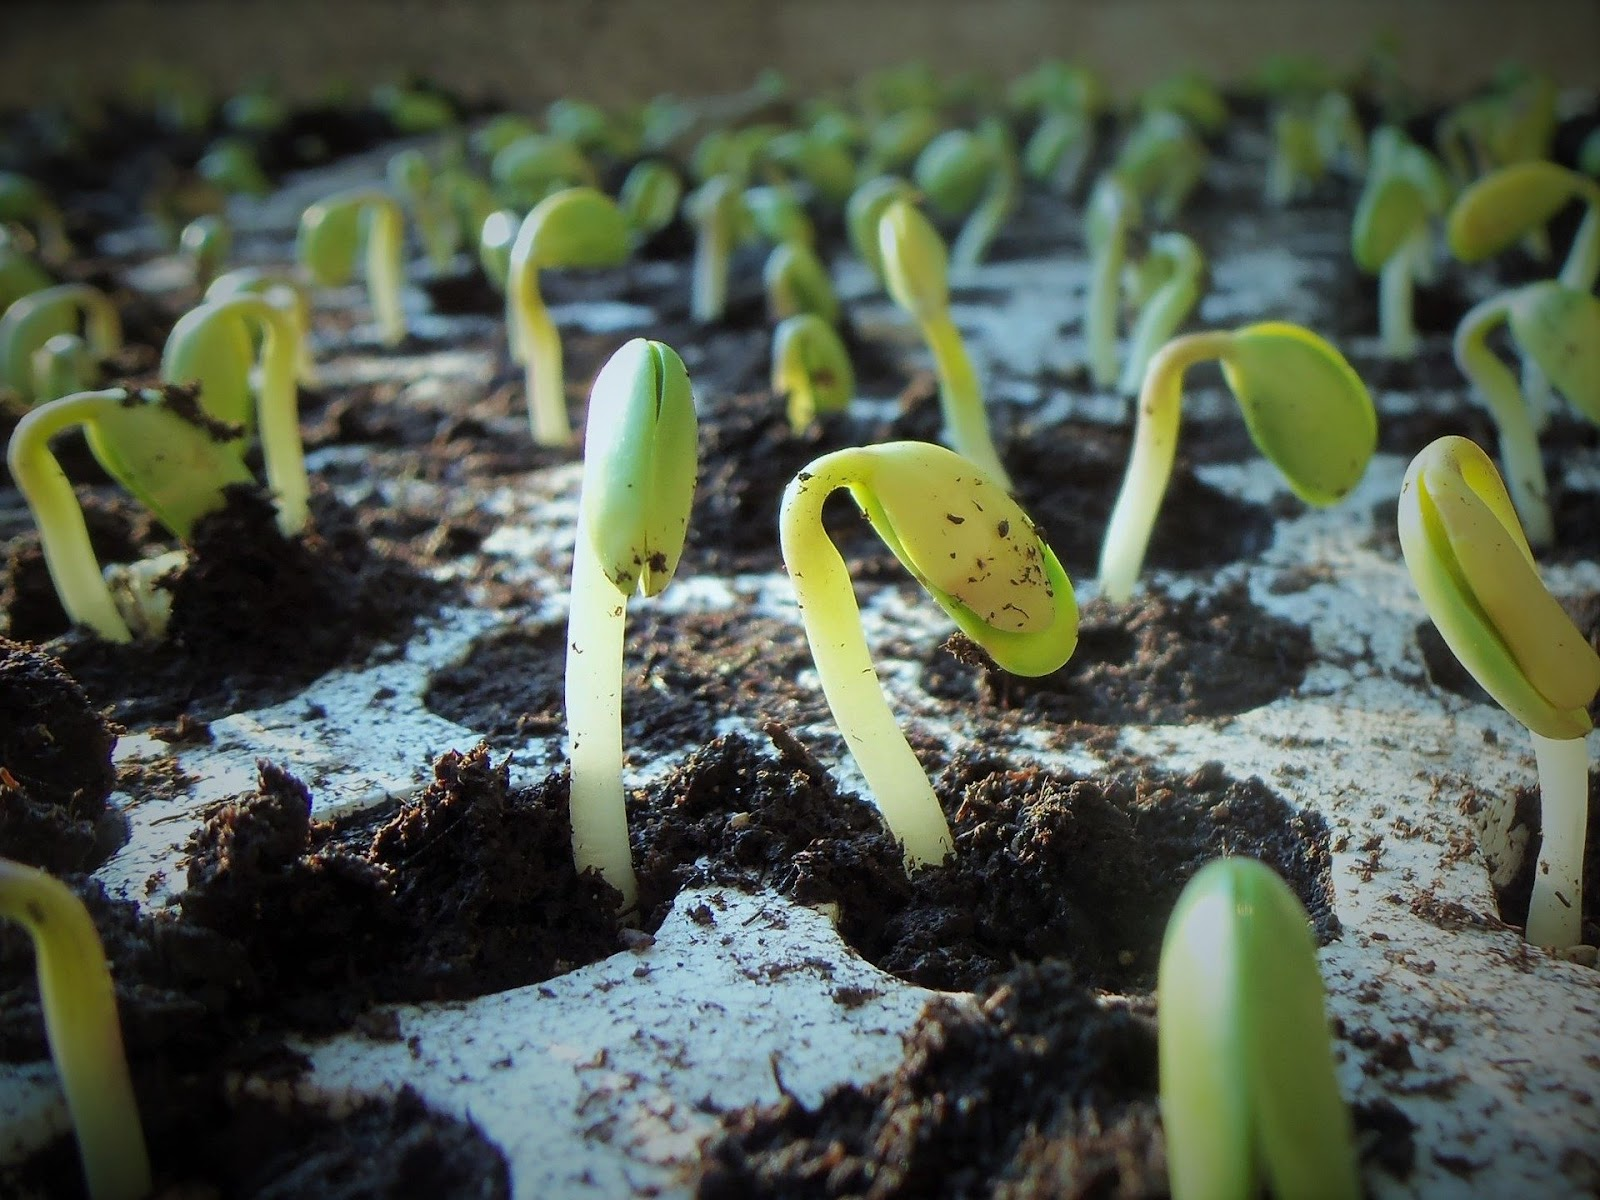 O uso de feromônios será expandido para plantio de soja e outras culturas populares. (Fonte: Pixabay)